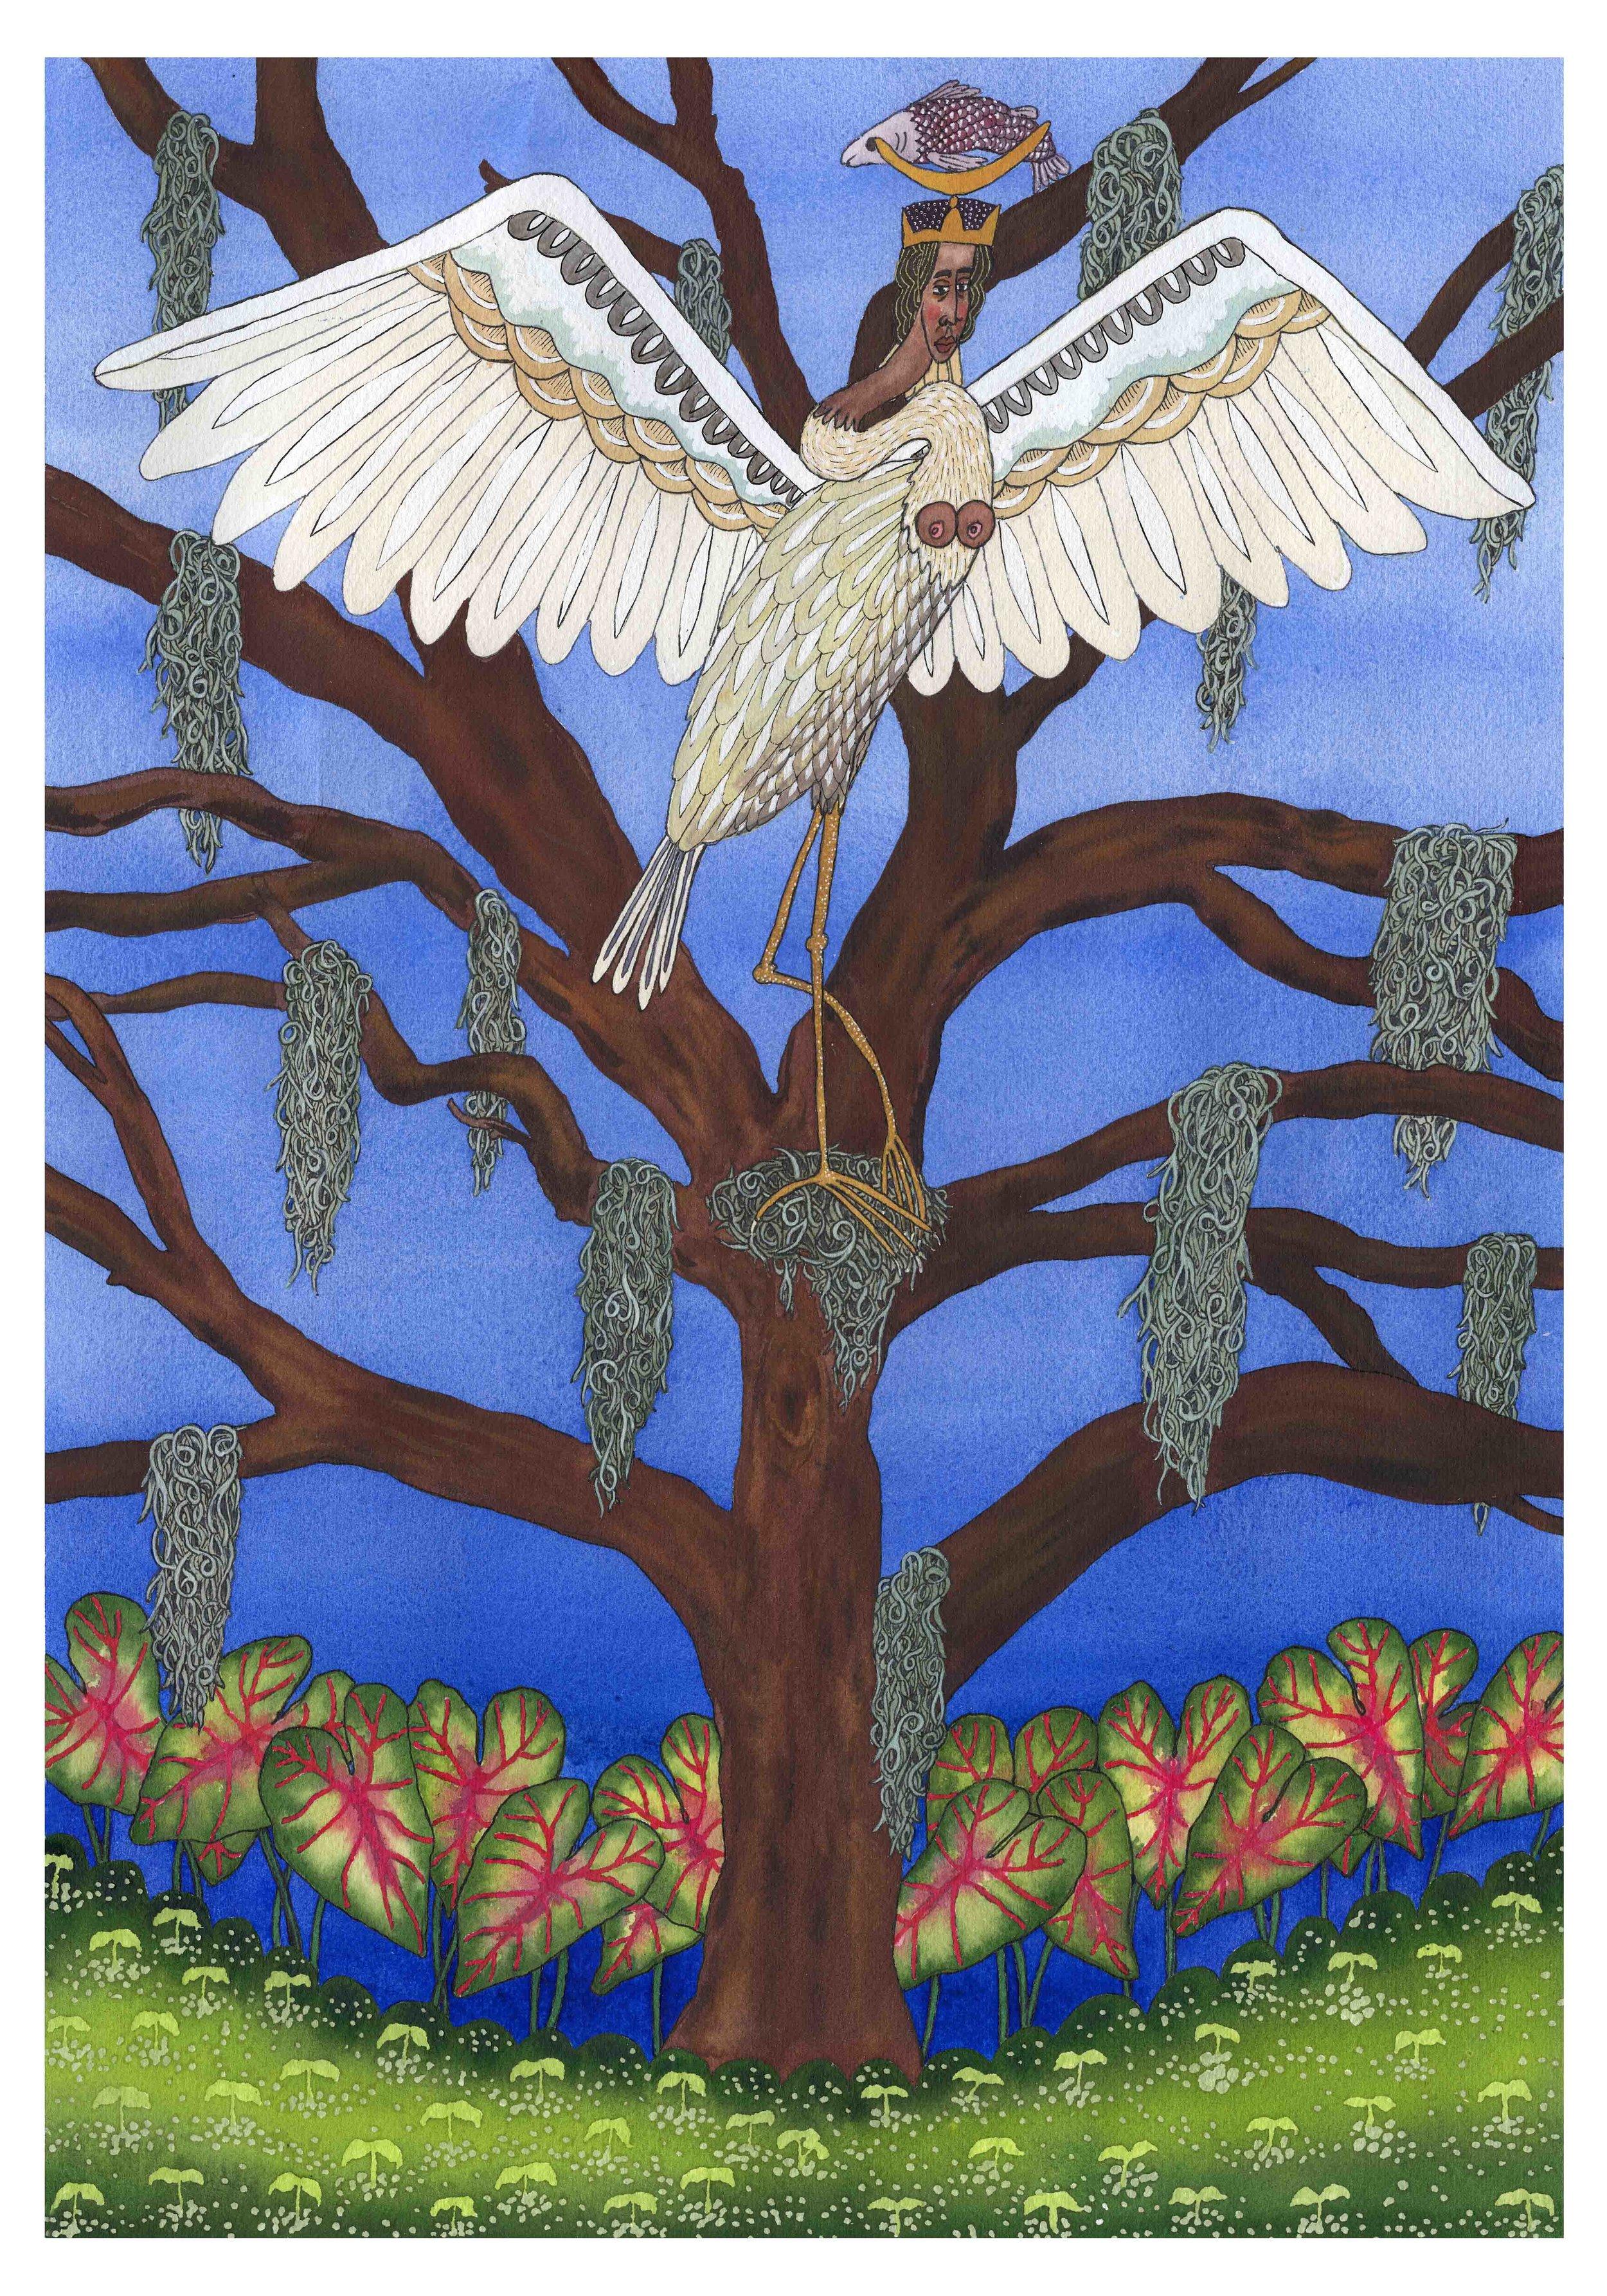 white egret alkonost.jpg